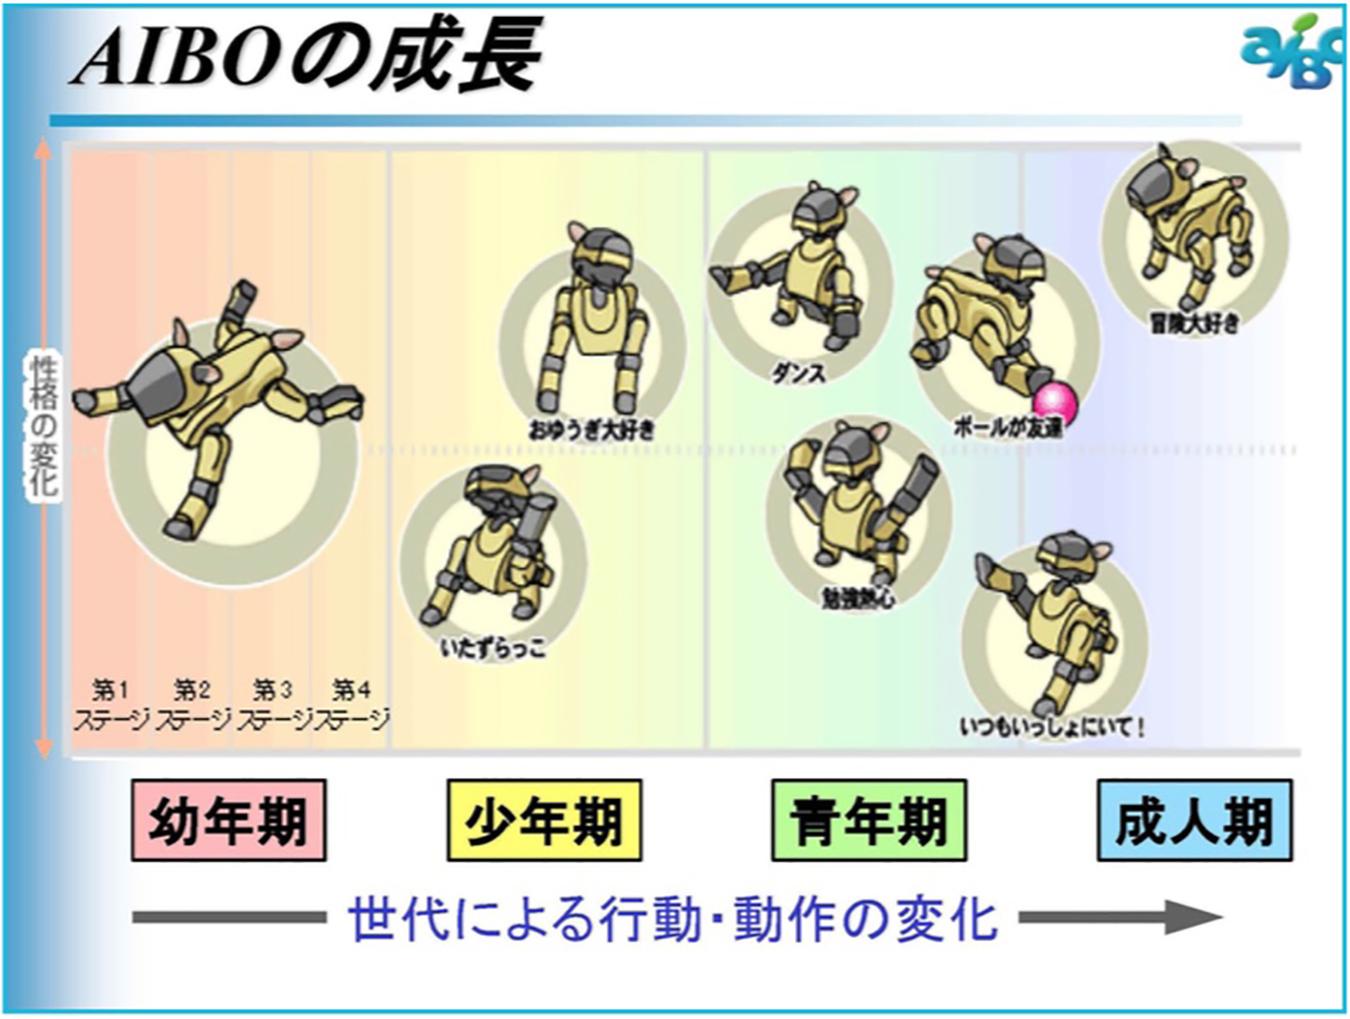 AIBO's four developmental stages: childhood (yōnenki), youth (shōnenki), adolescence (seinenki), adulthood (seijinki). Diagram by Ōtsuki Tadashi (2015, 6).